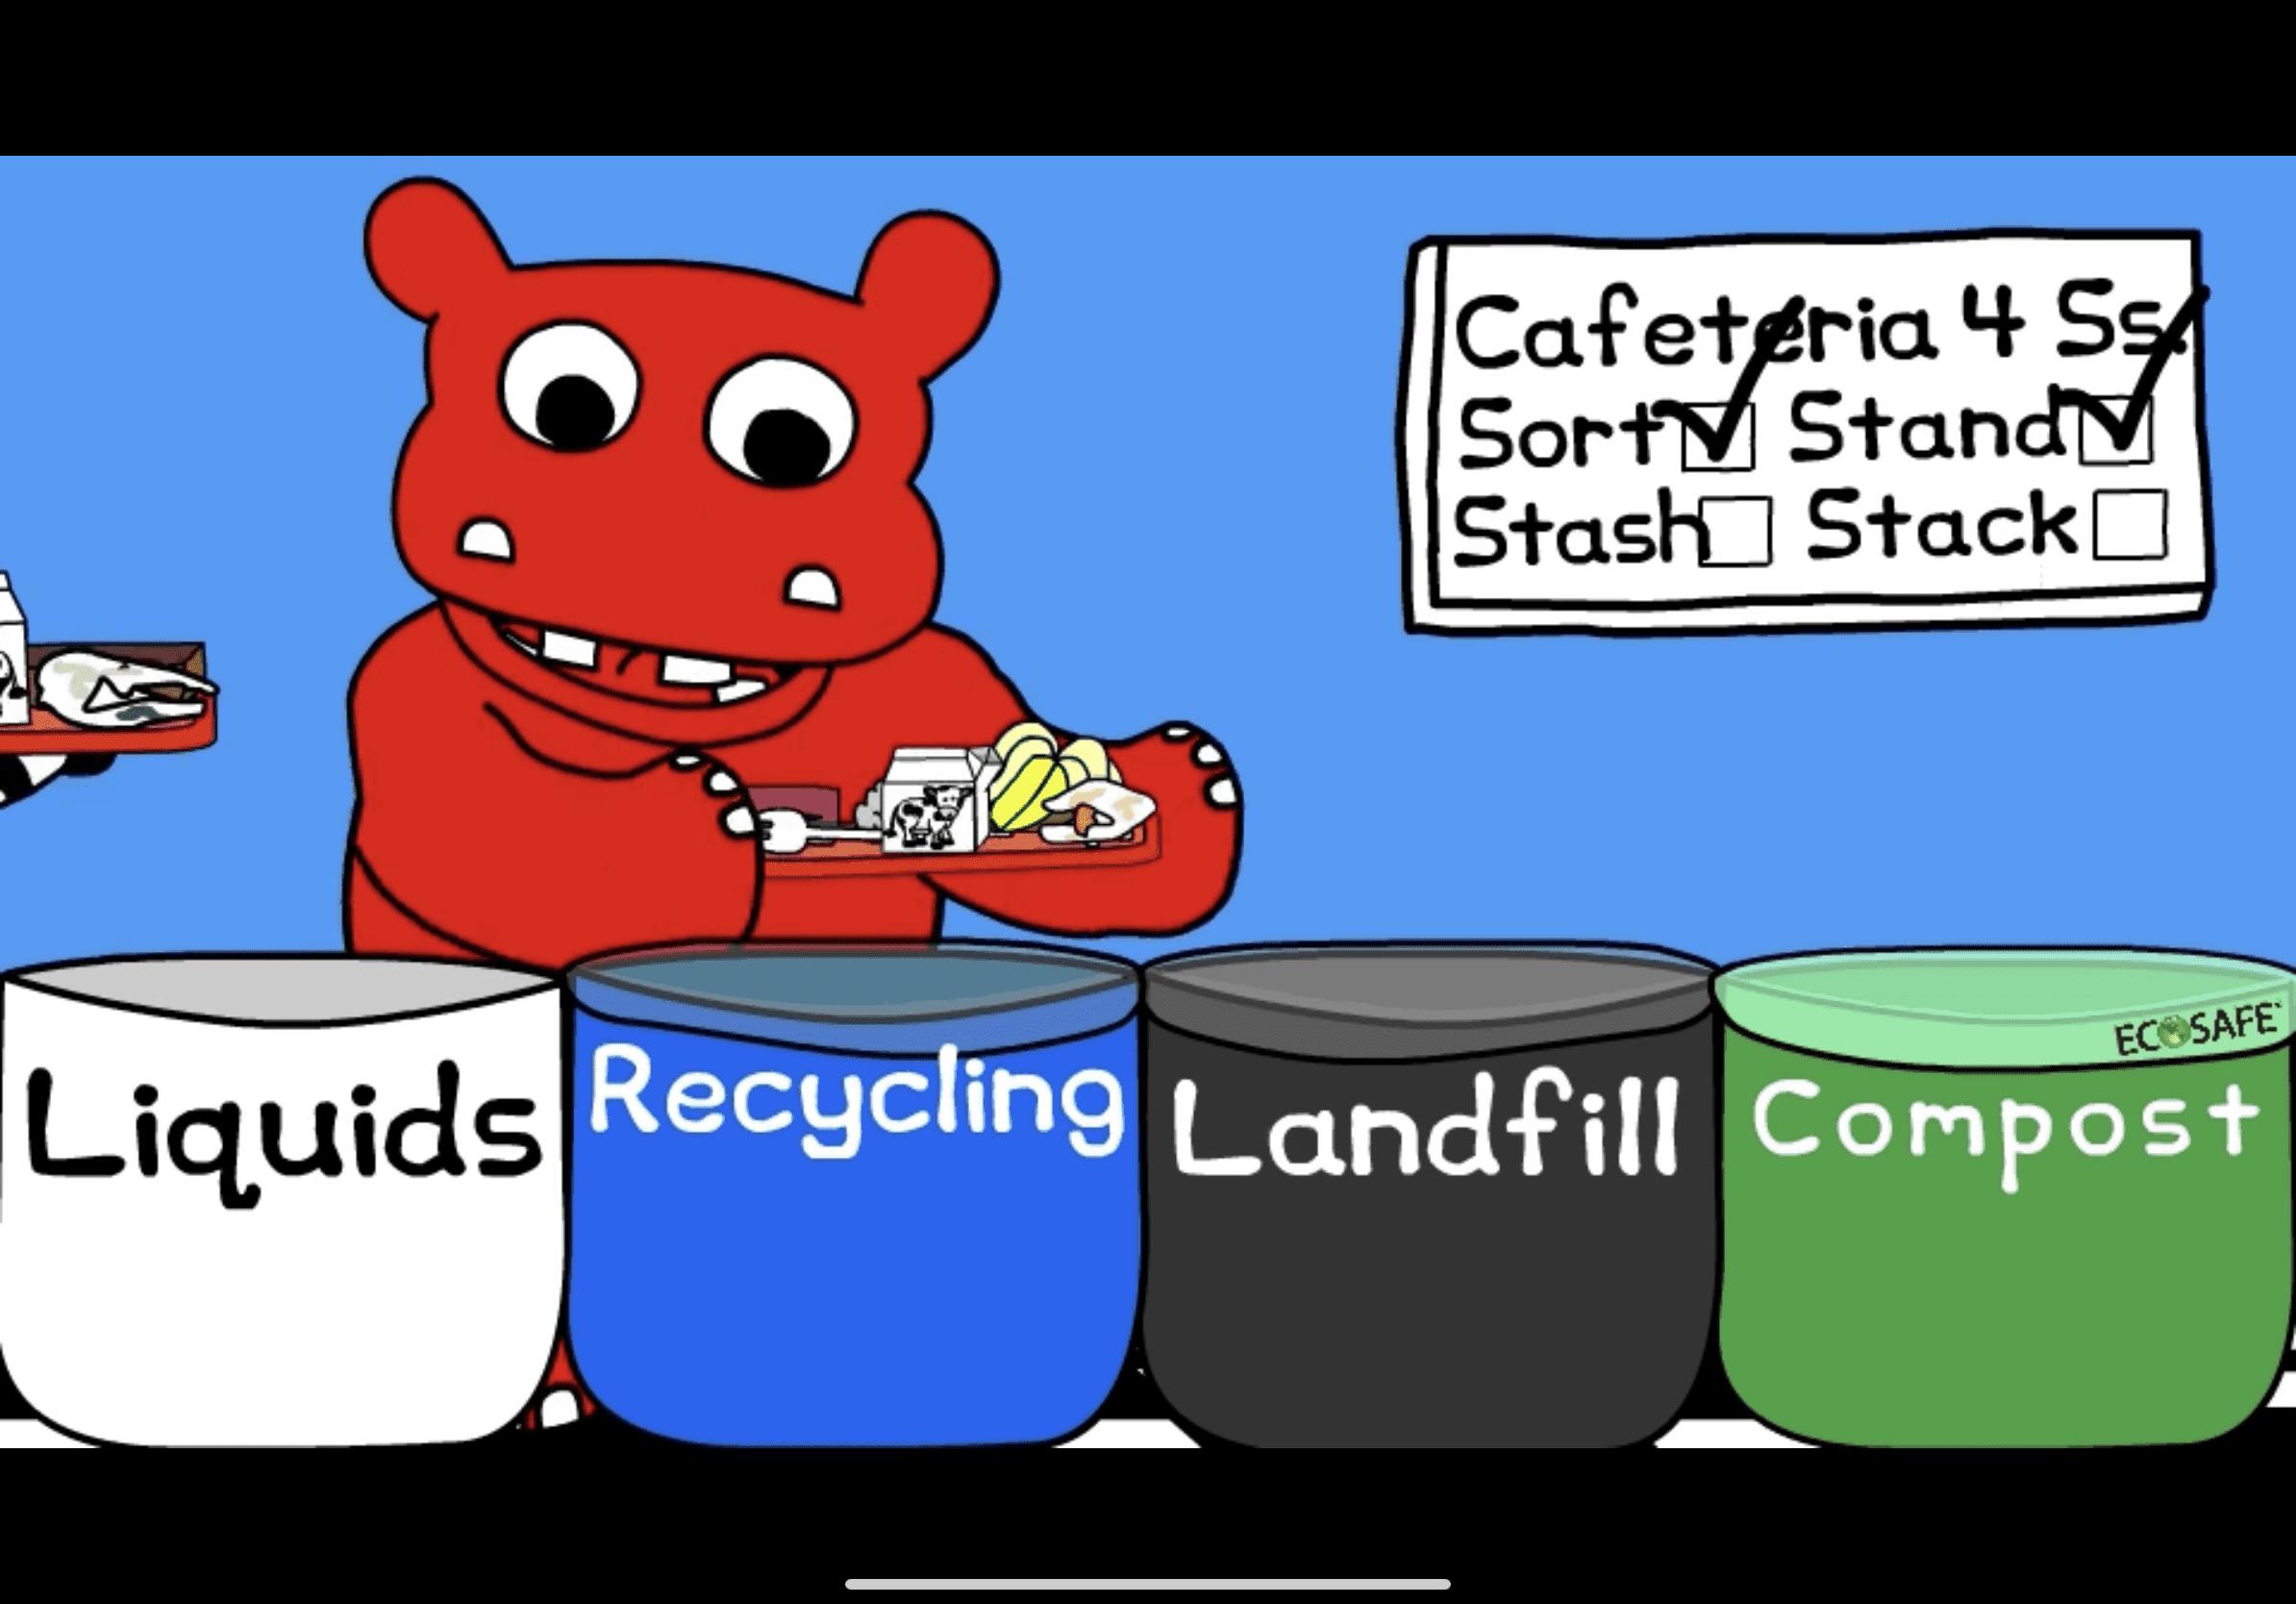 Ecosafe Green   Zero waste - waste bins